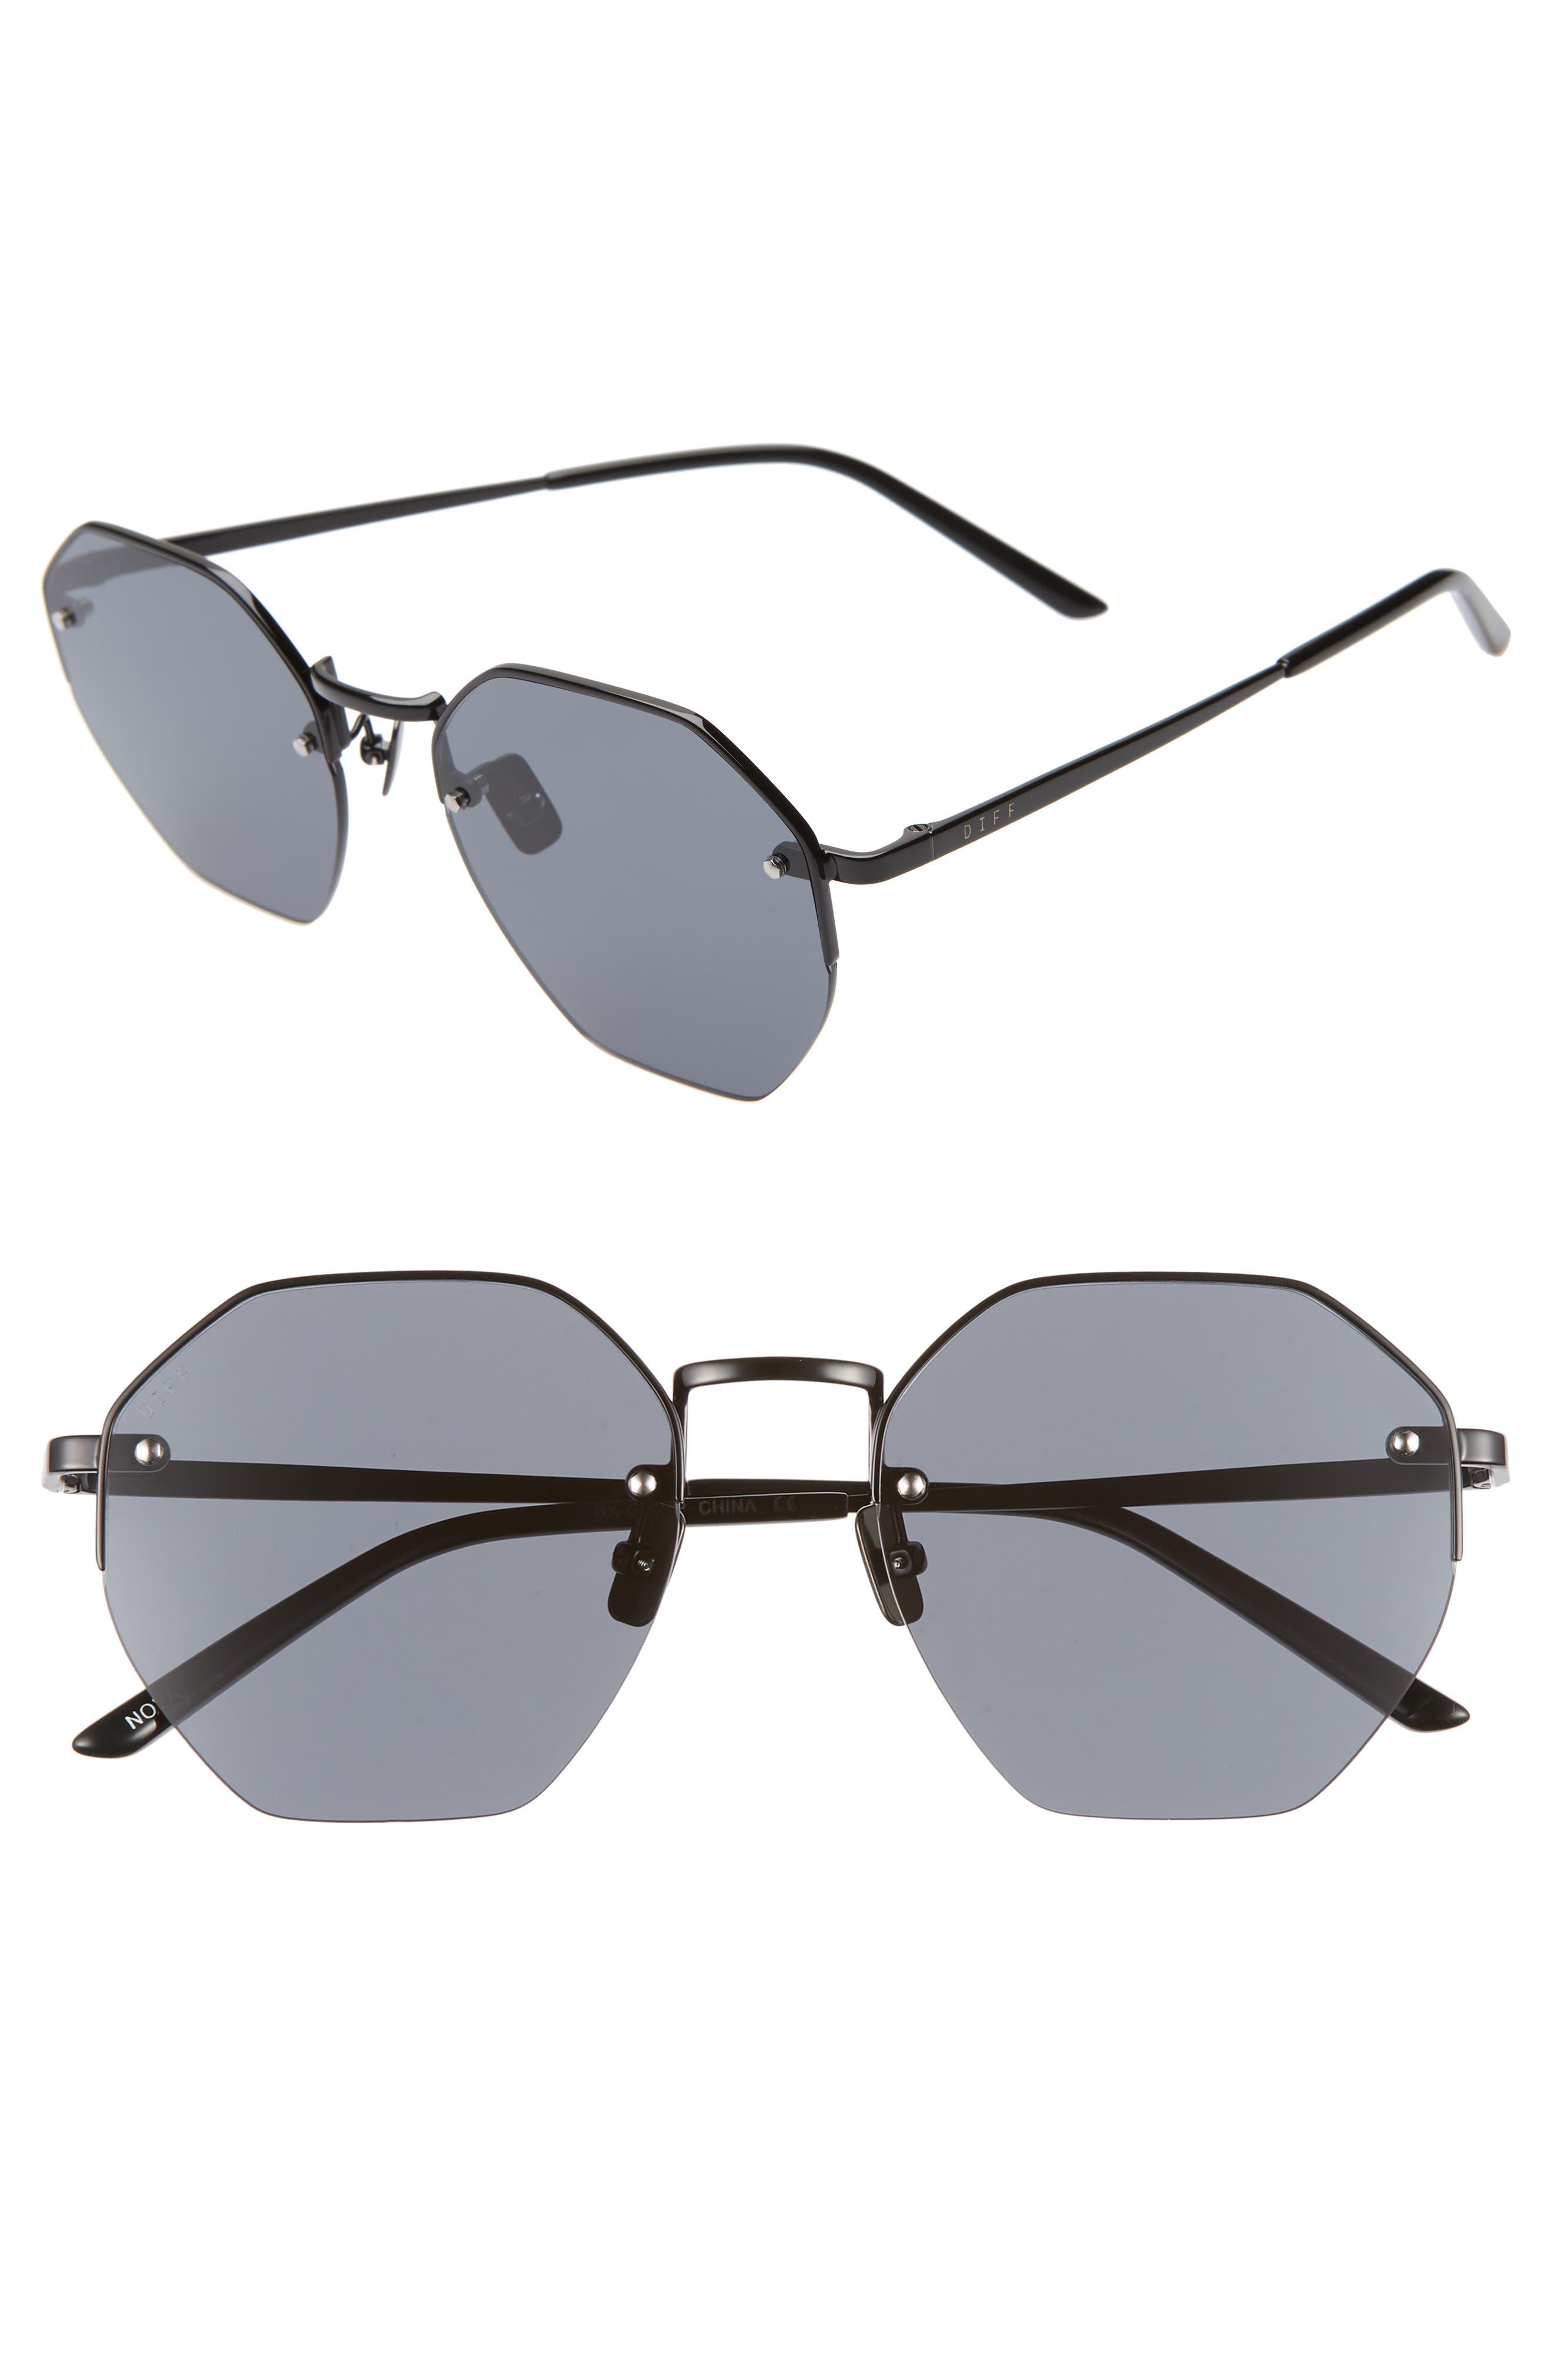 Nova 50mm Polarized Semi Rimless Geo Sunglasses,                             Main thumbnail 1, color,                             BLACK/ SMOKE